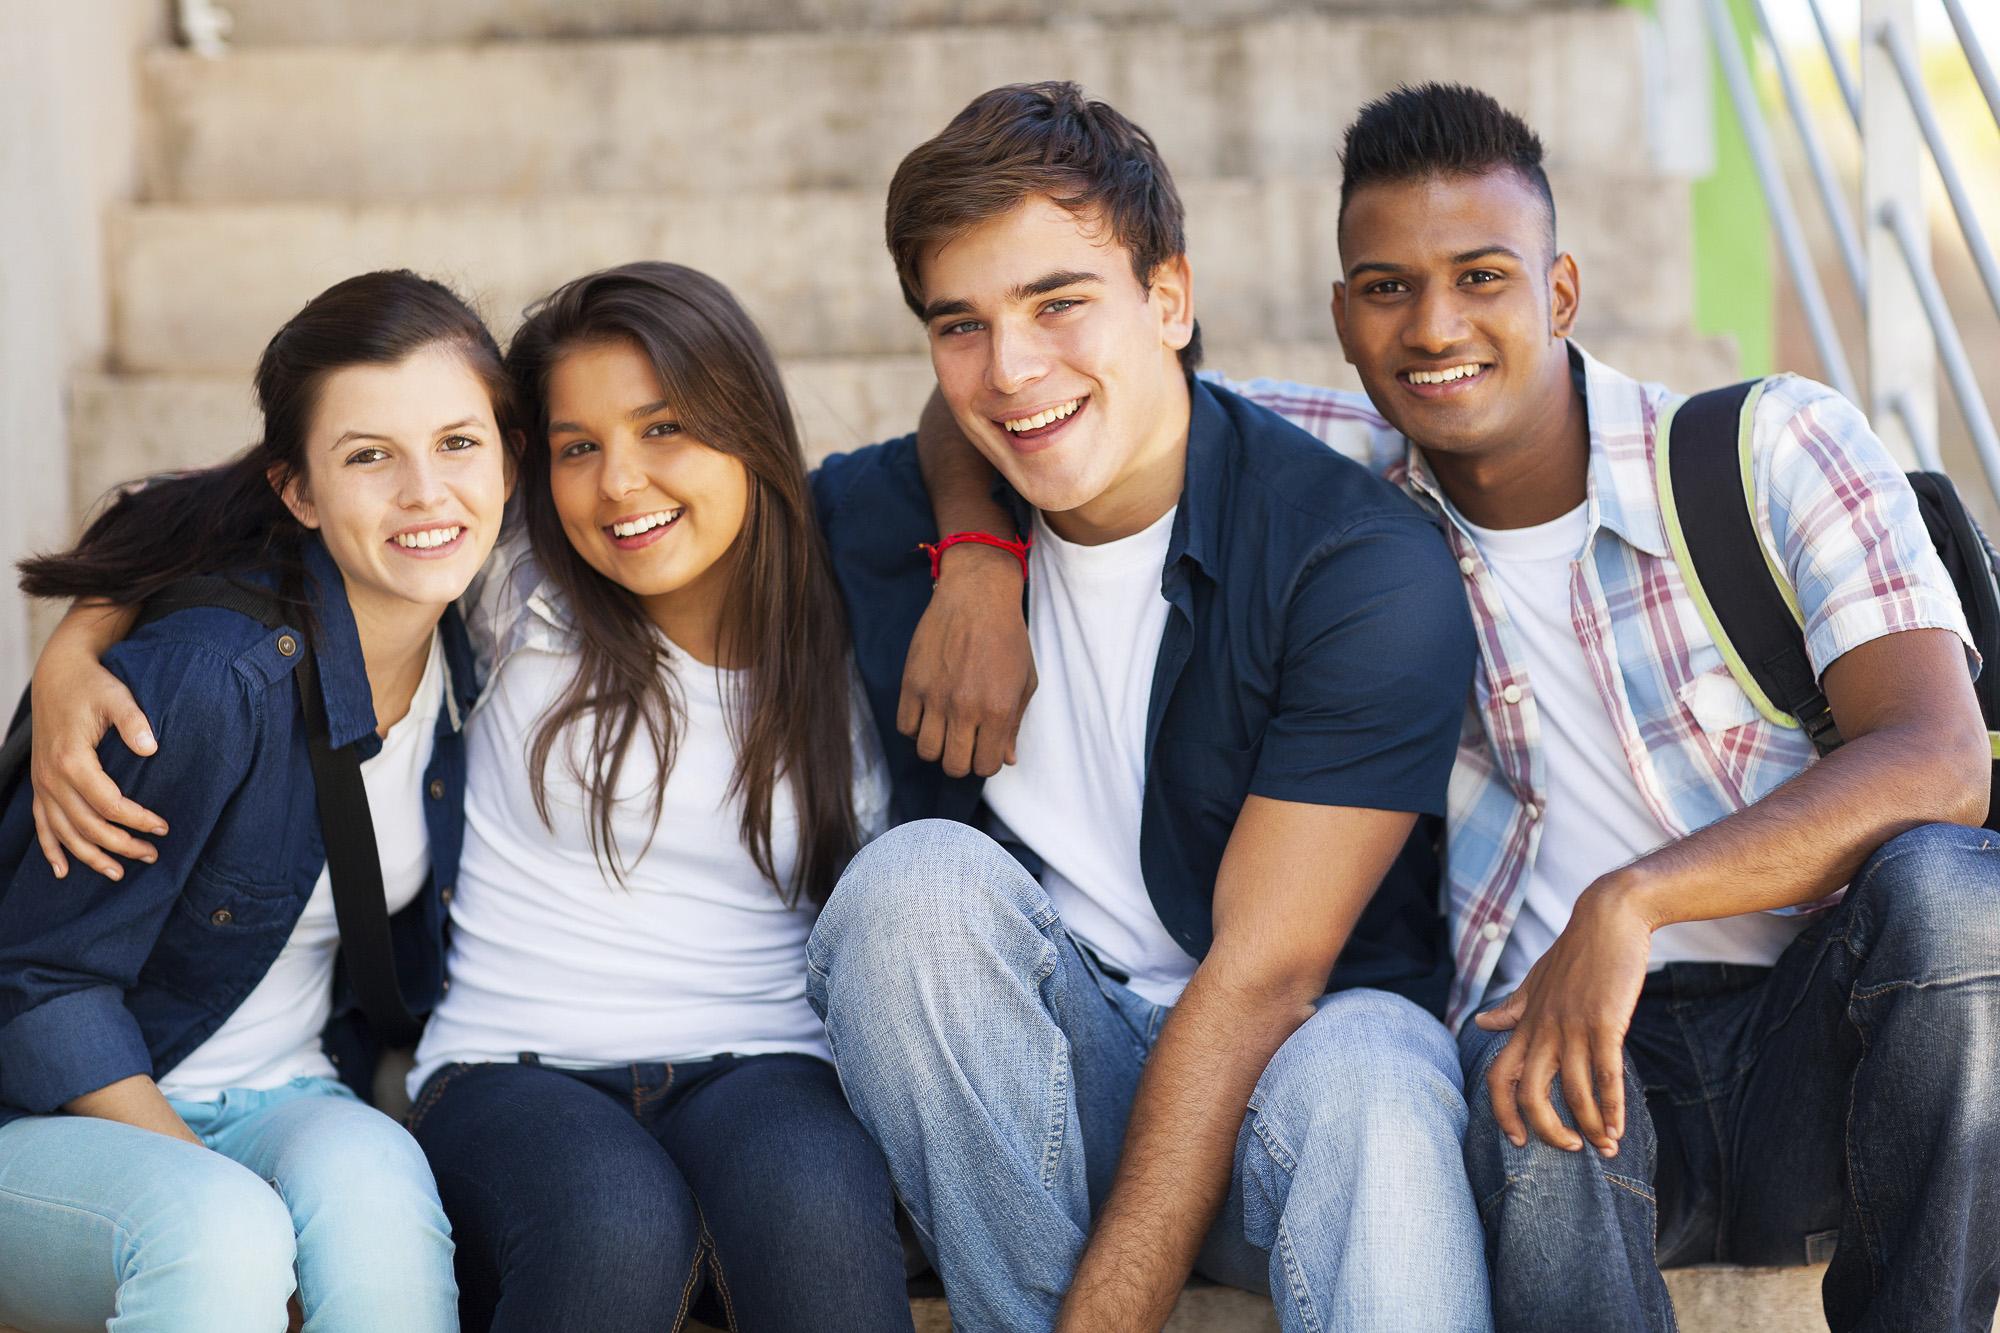 teenagers-on-stairs-2.jpg